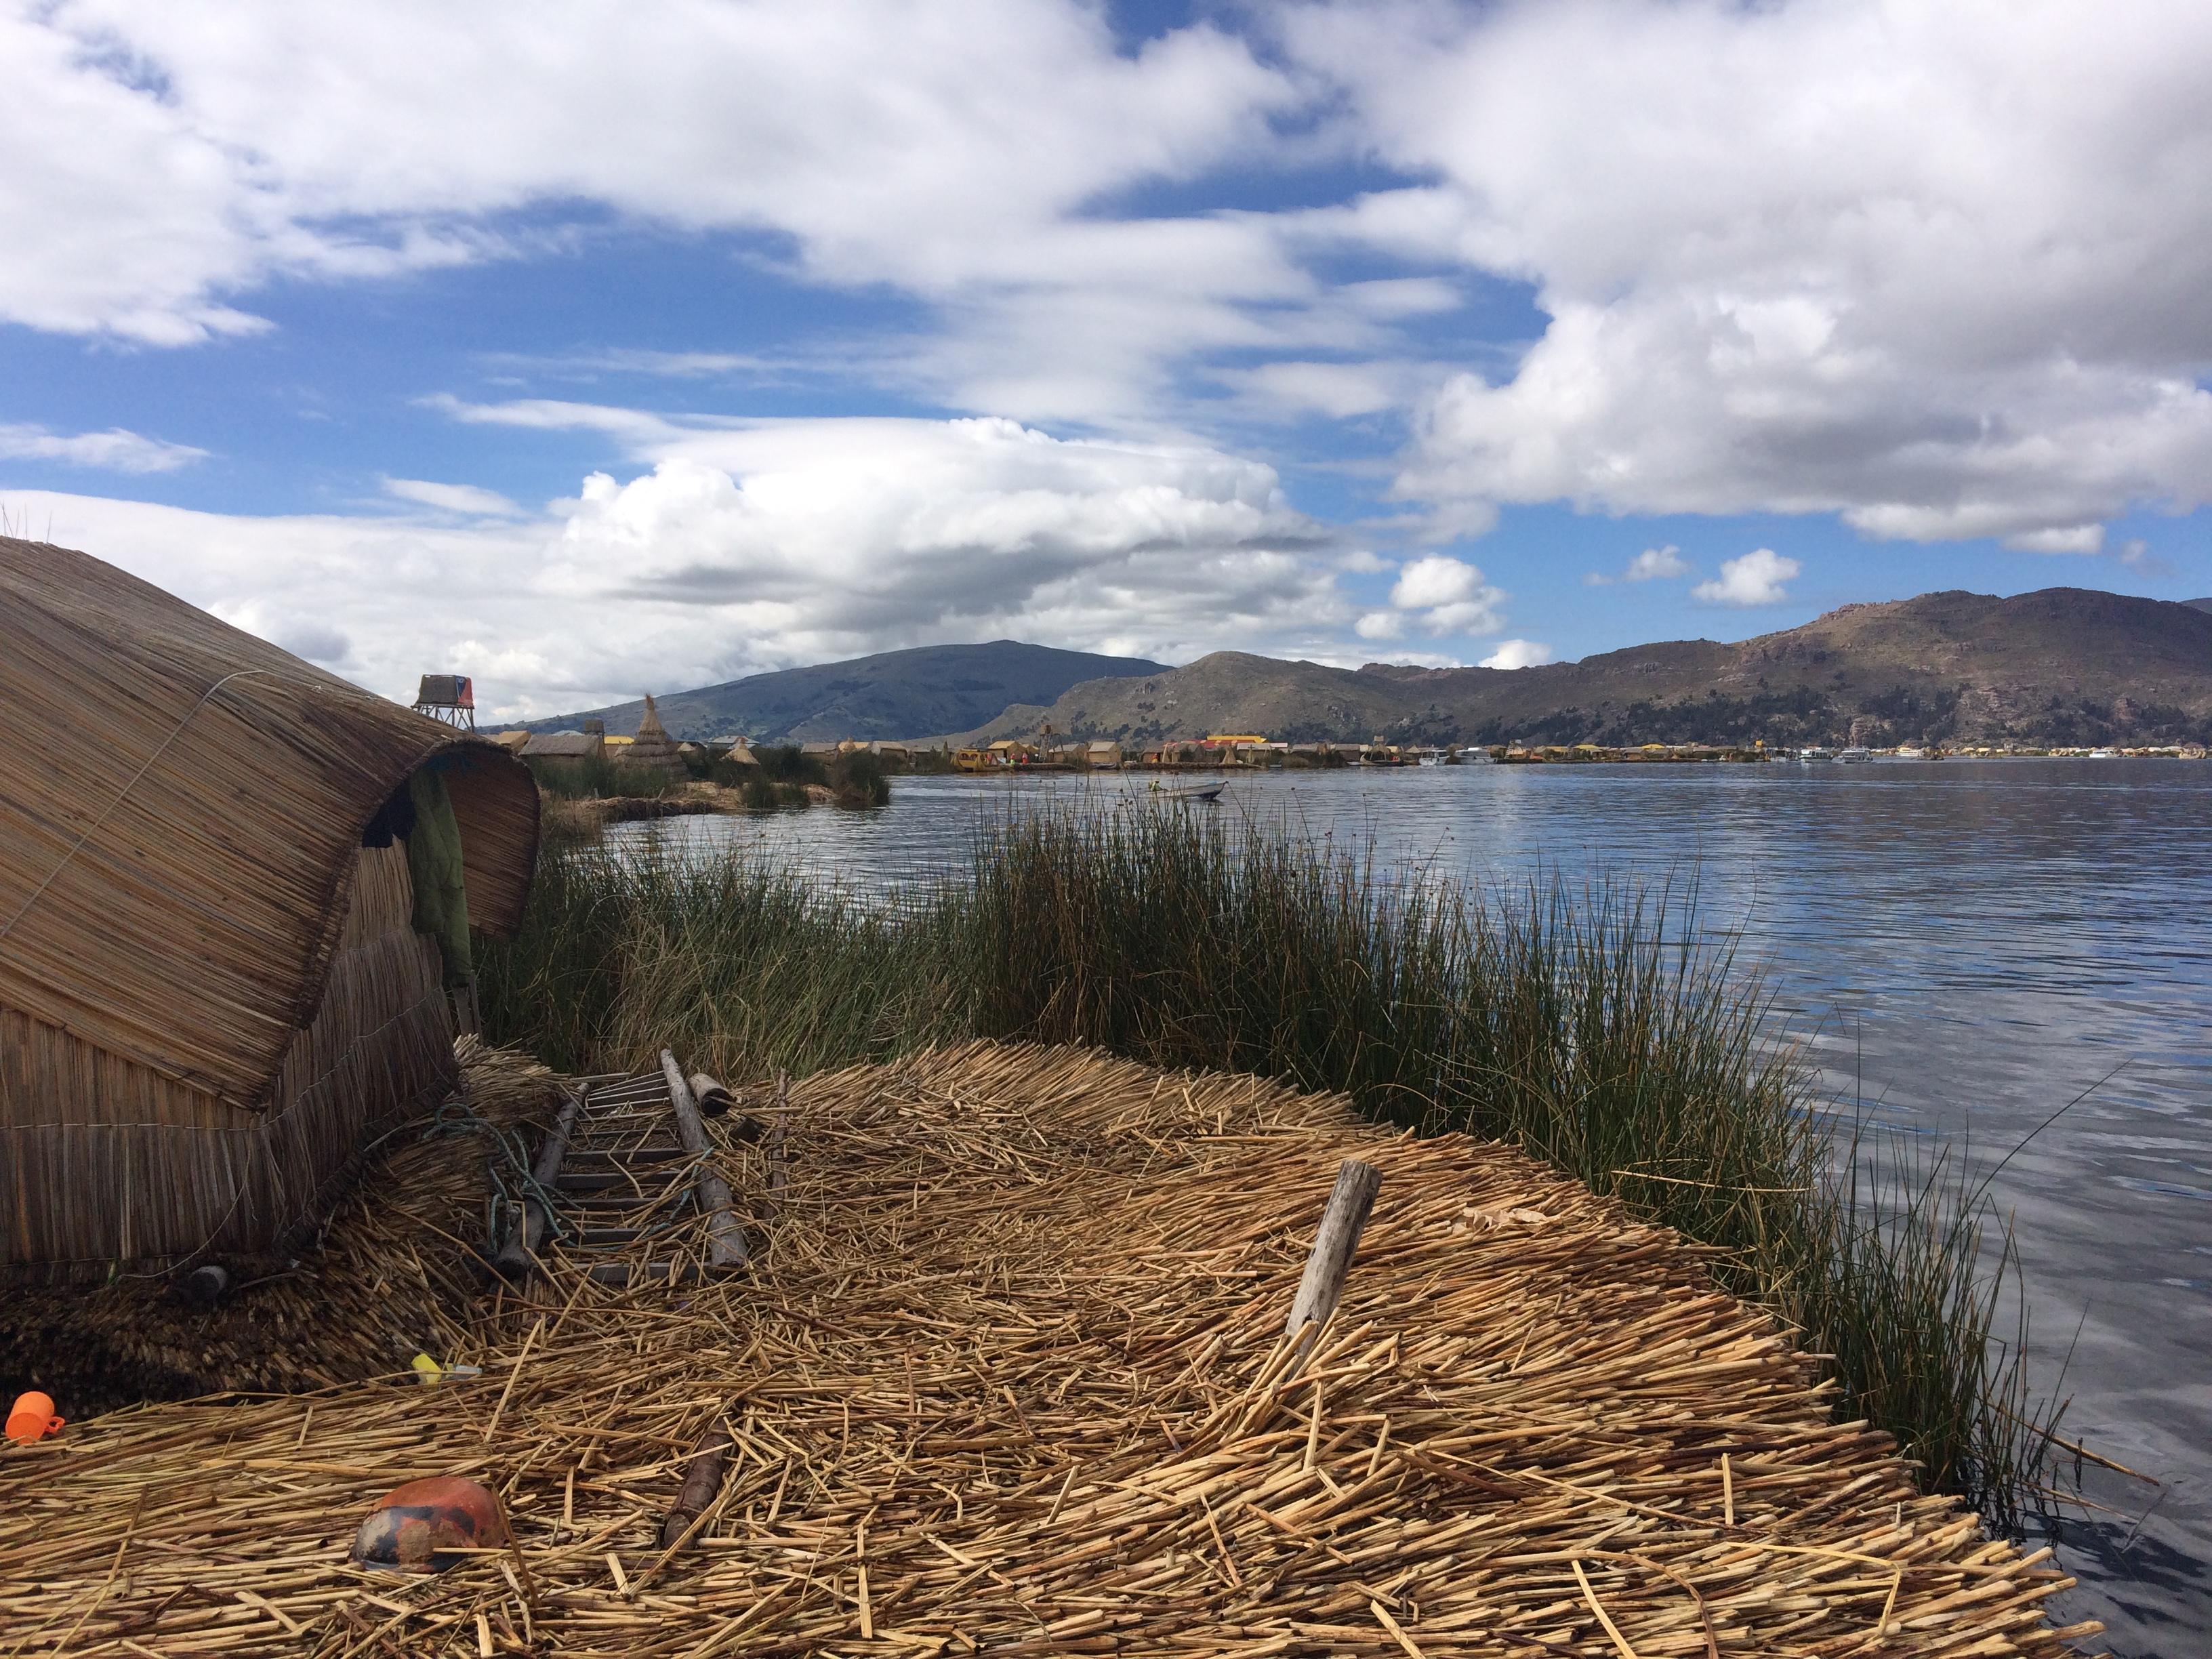 Uros reed island